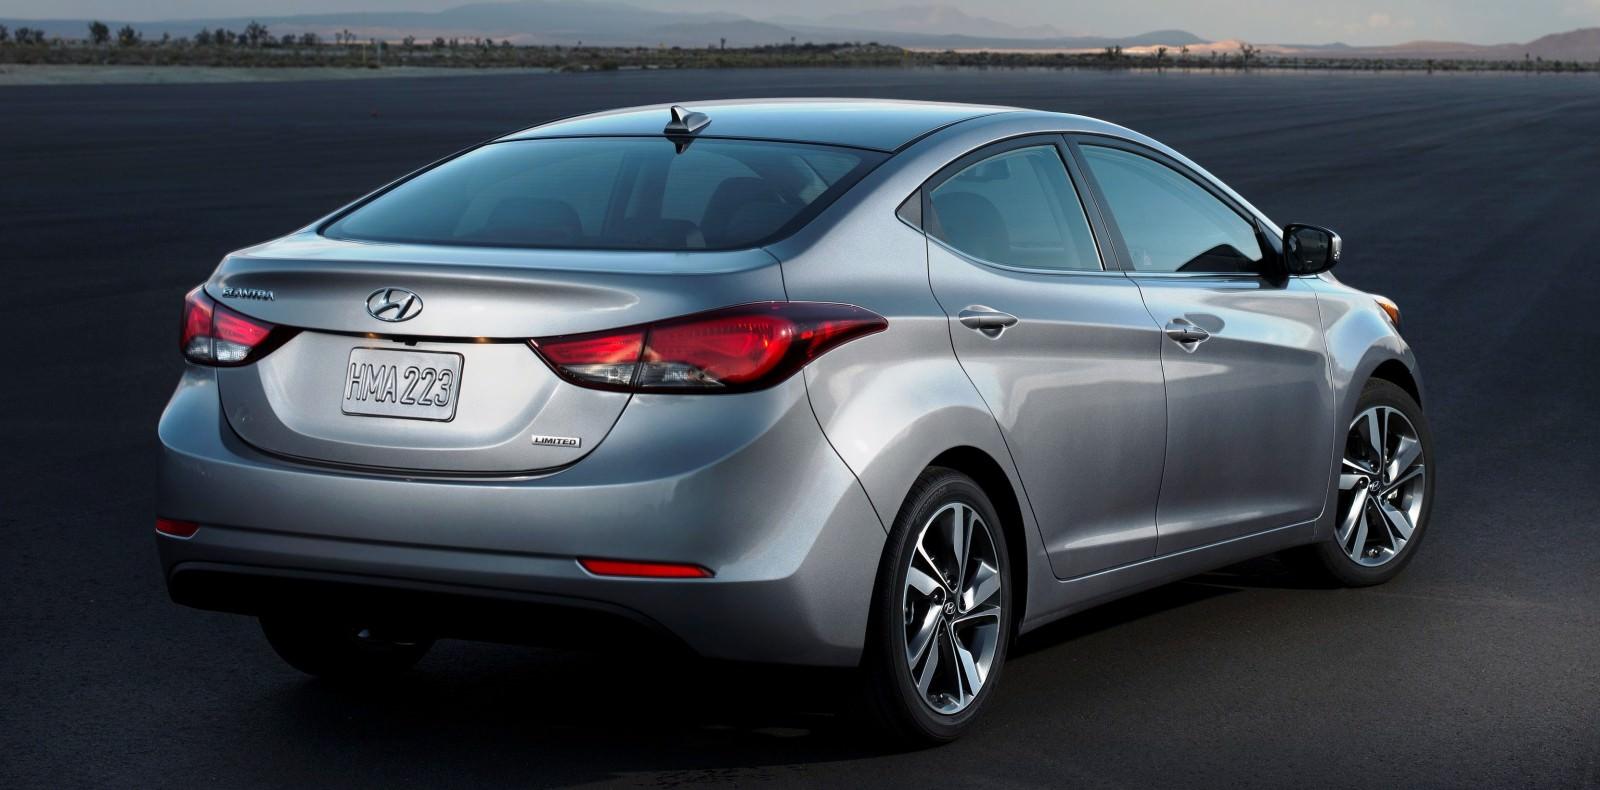 2015 Hyundai Elantra Sedan Brings Classy LED and Tech Updates  16